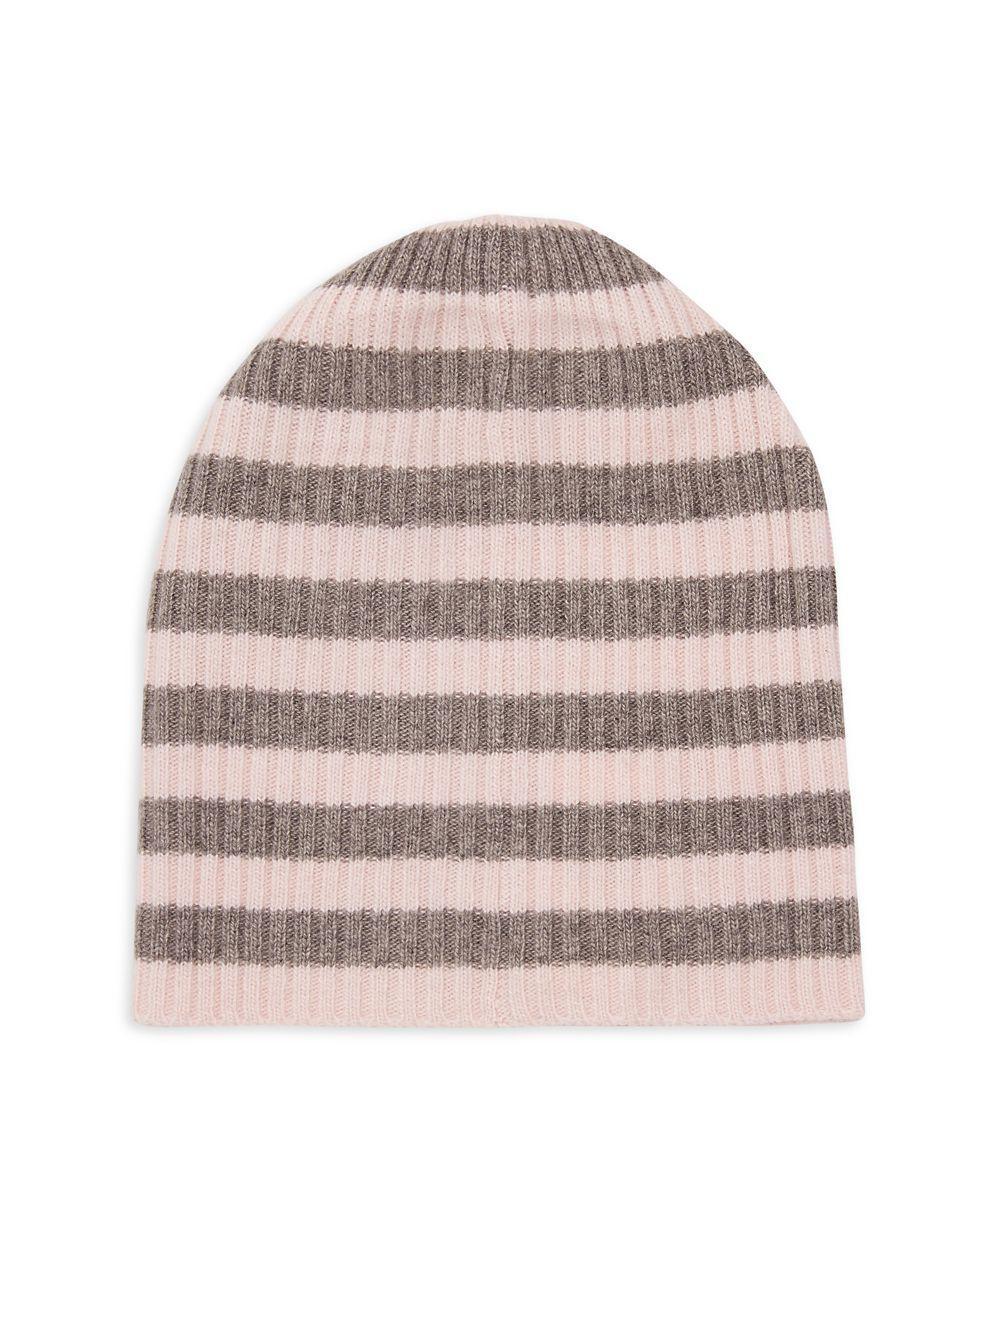 e4d4c84de79 Portolano Striped Cashmere-blend Beanie in Gray - Lyst